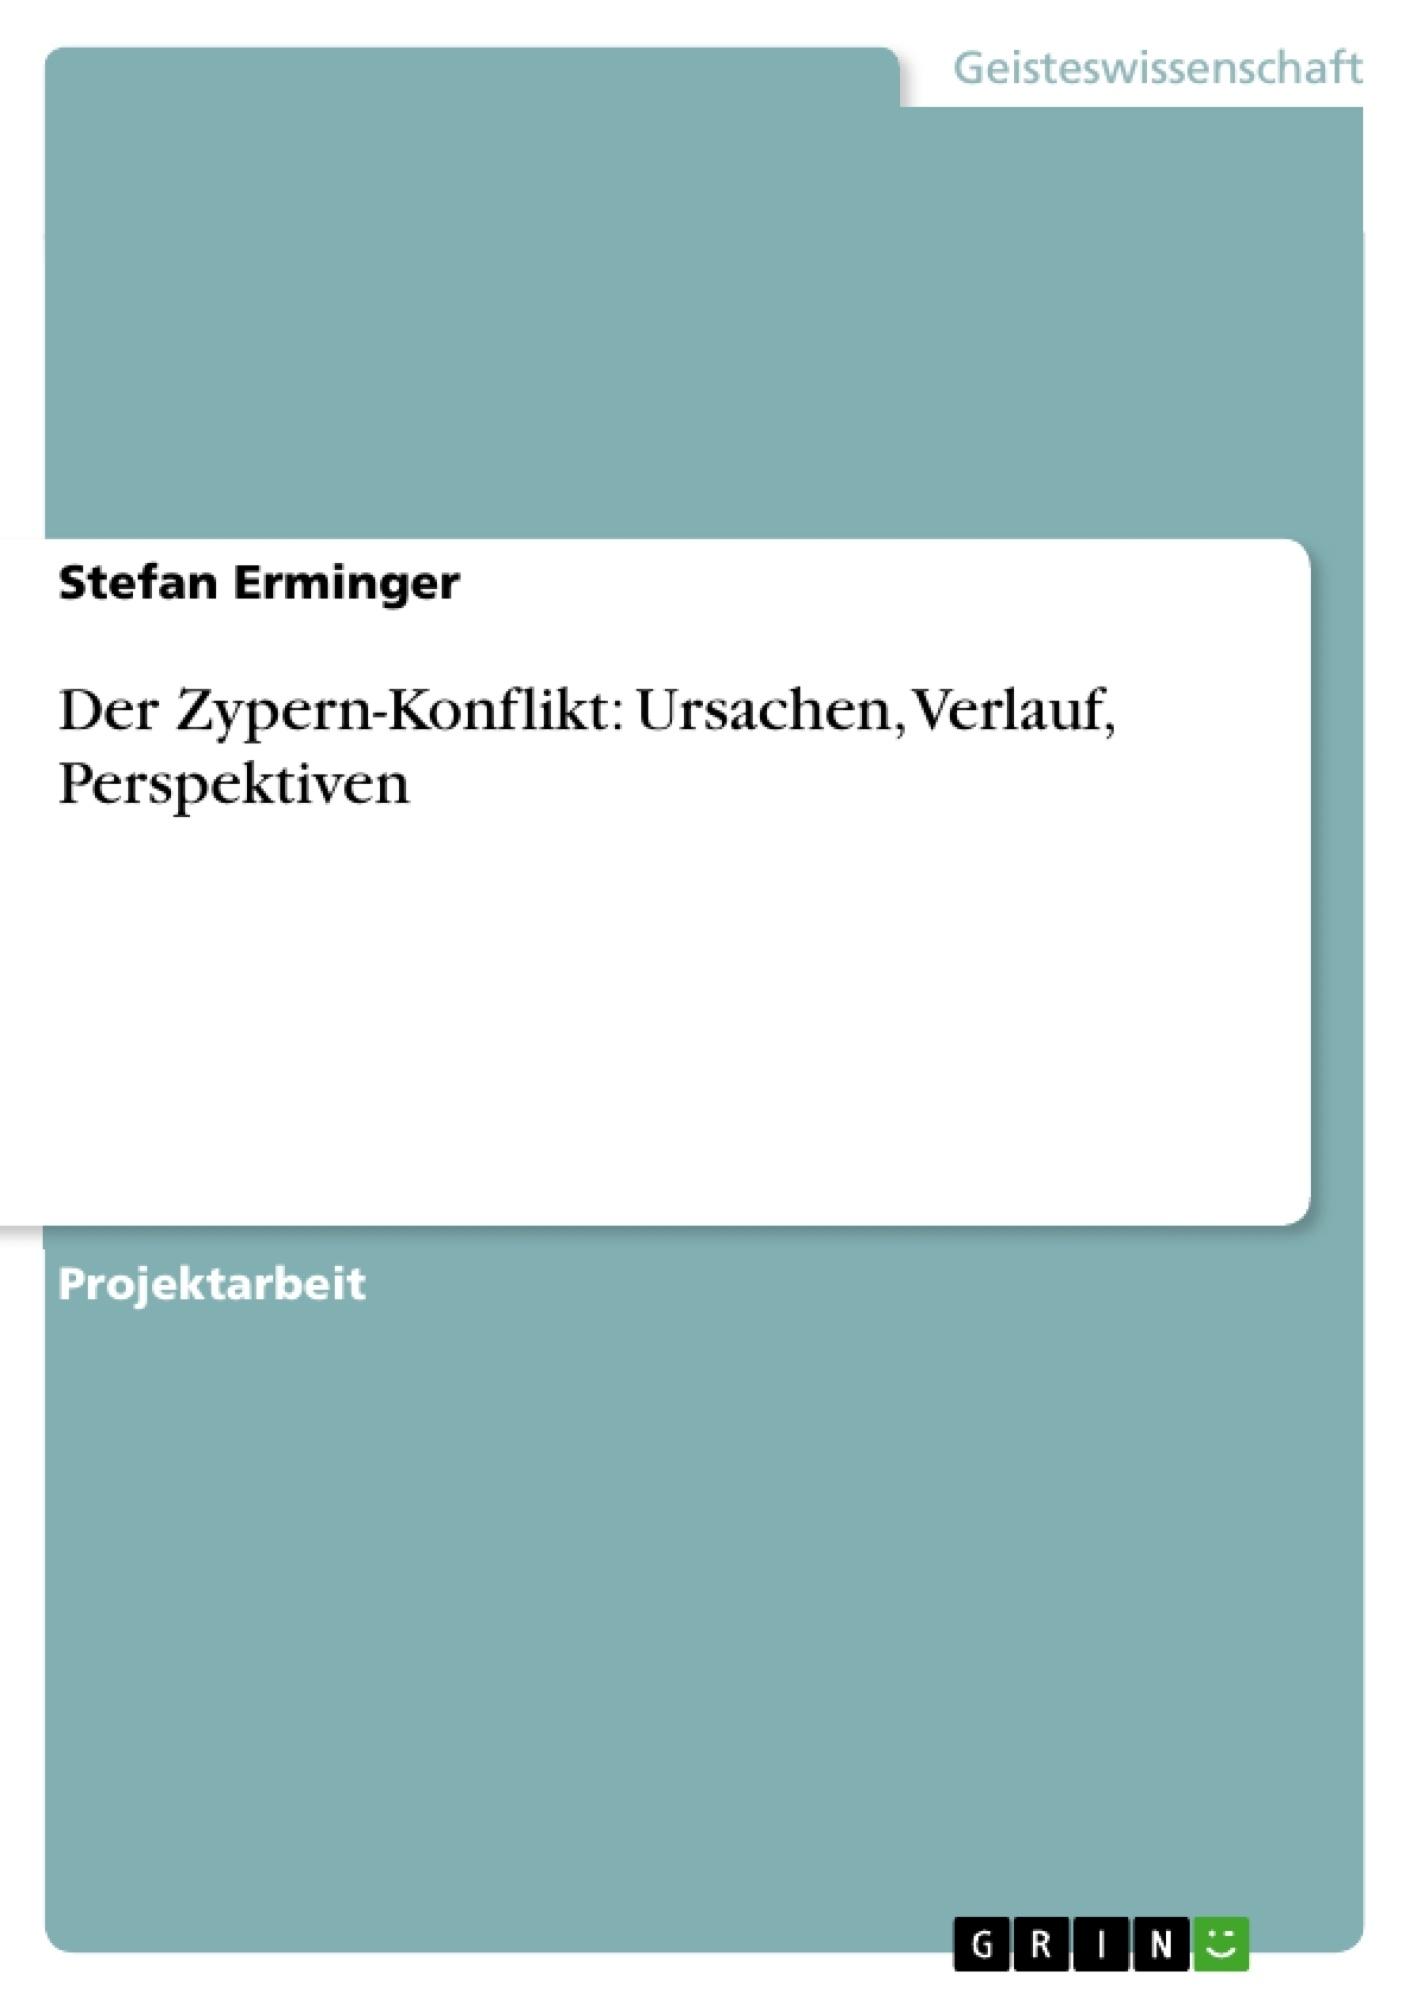 Titel: Der Zypern-Konflikt: Ursachen, Verlauf, Perspektiven